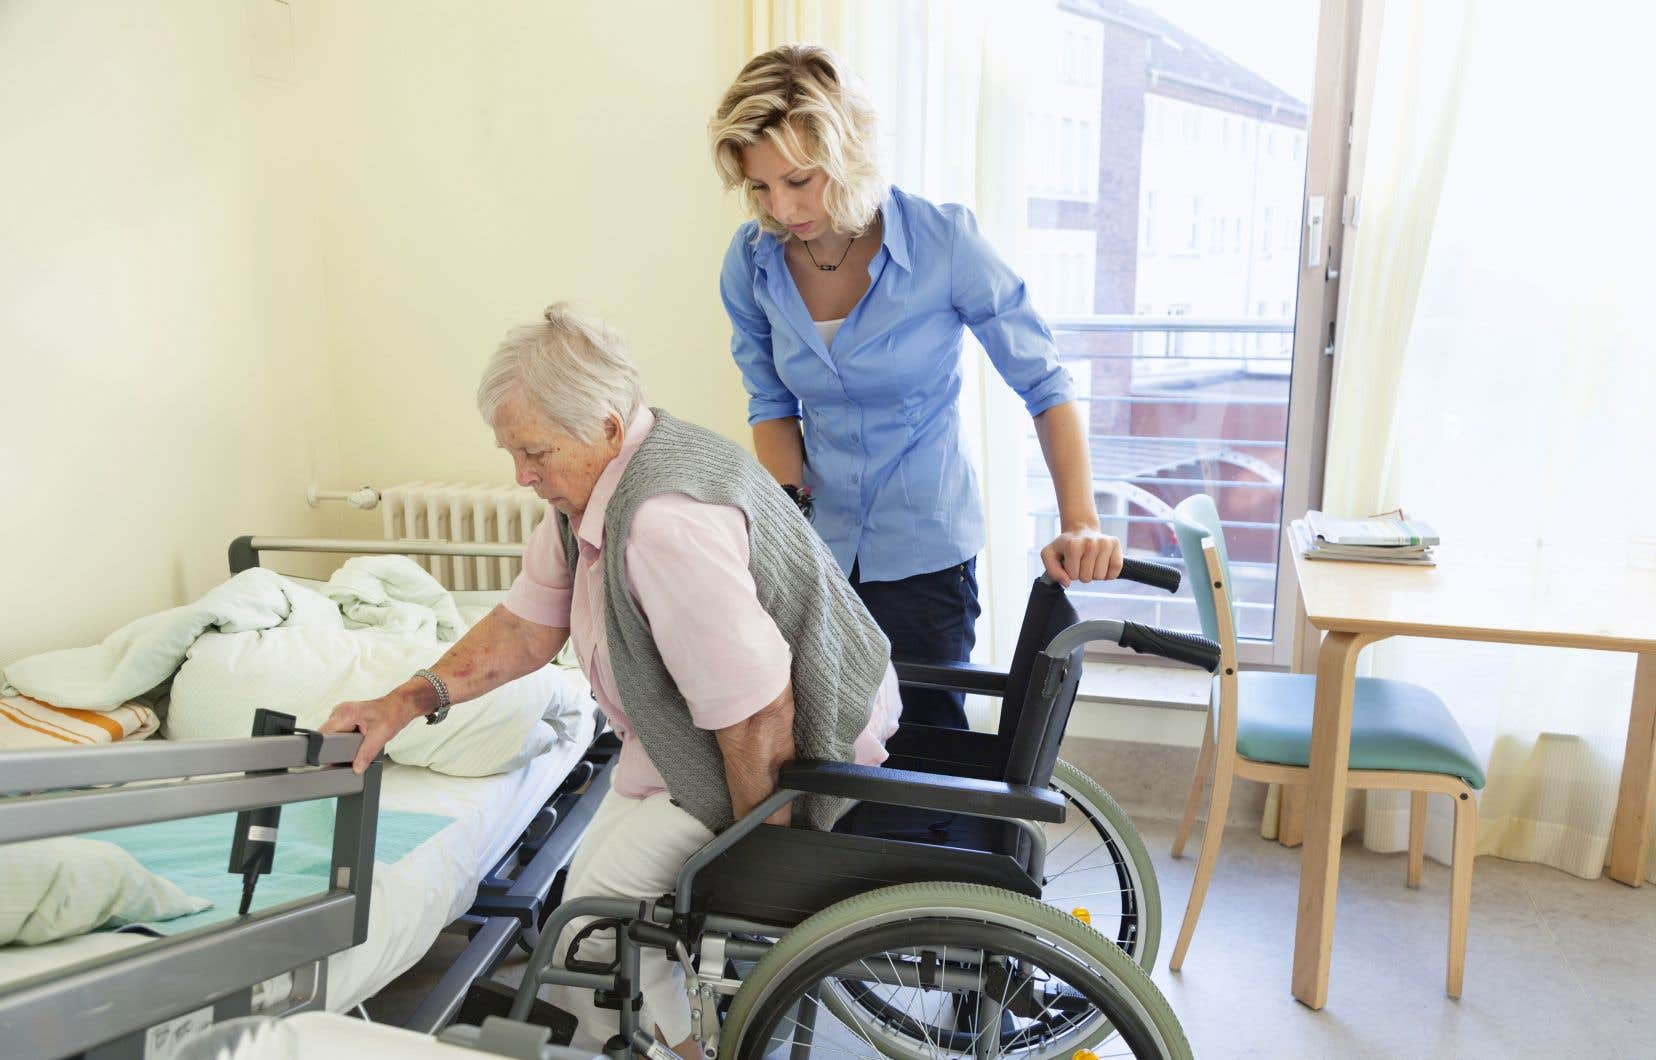 L'OIIQ dit cependant être tout à fait à l'aise d'accorder des attestations d'exercice à titre de candidate ou candidat à l'exercice de la profession d'infirmière à des non-diplômés.